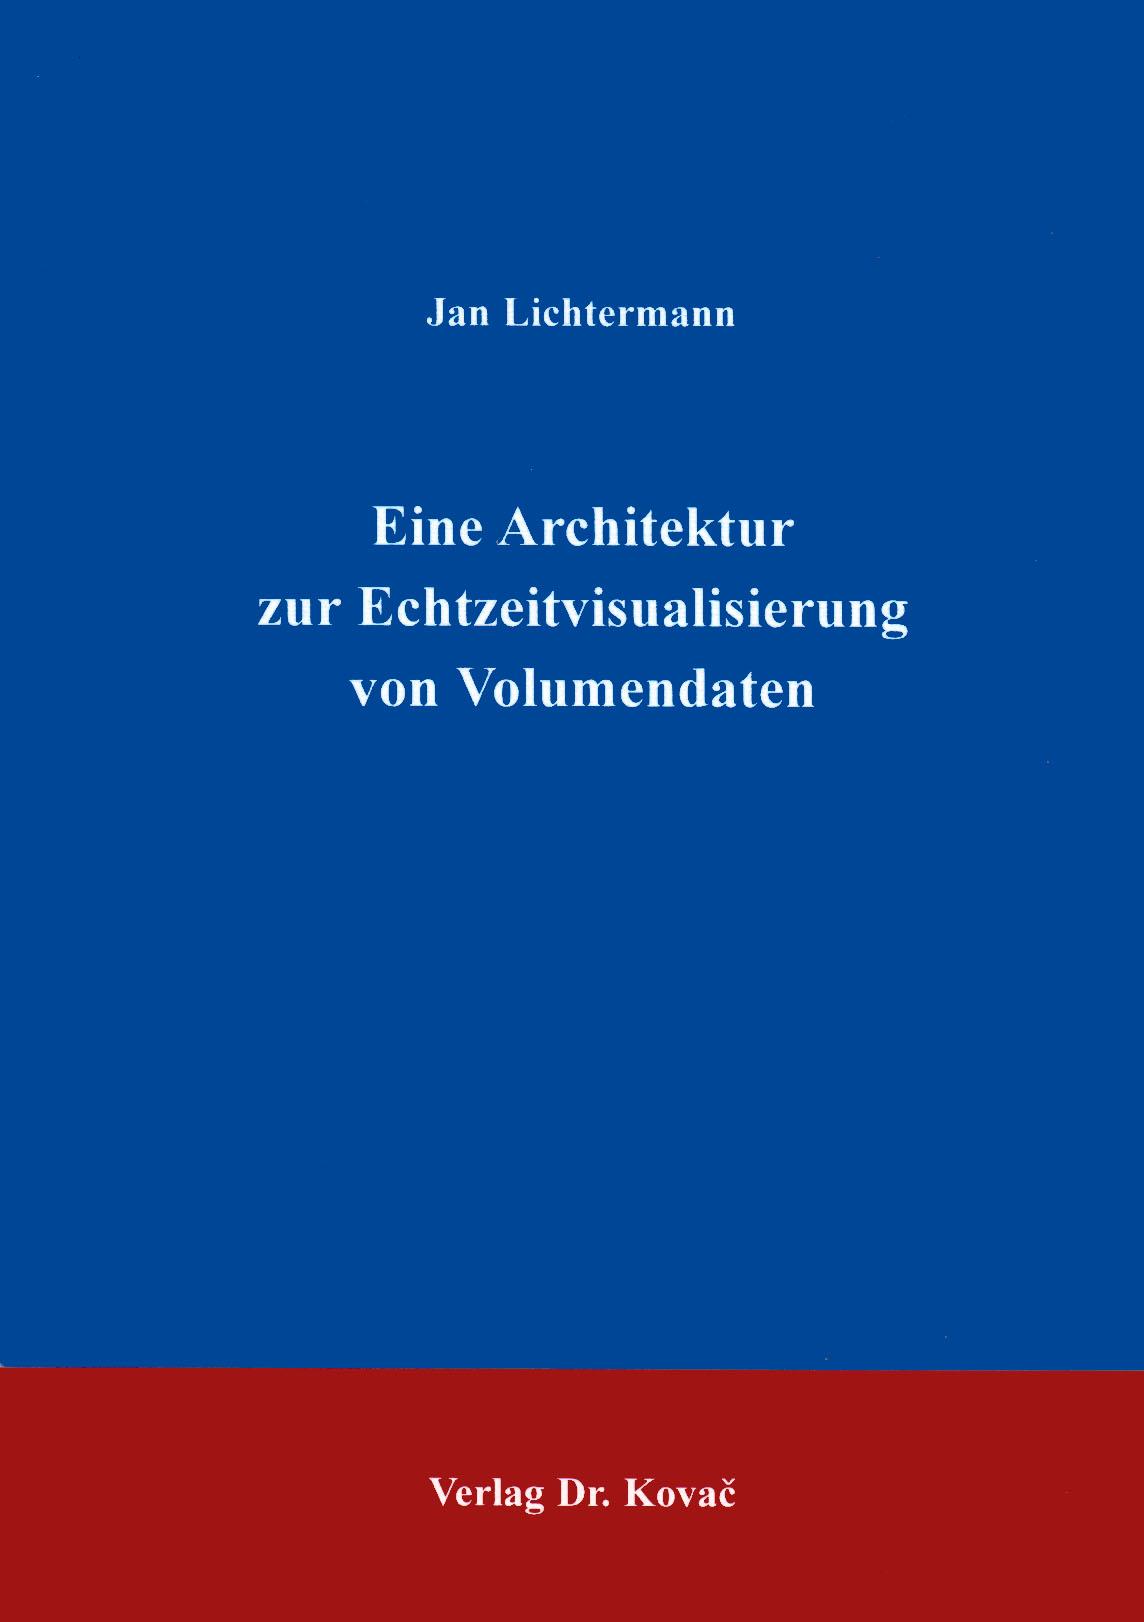 Cover: Eine Architektur zur Echtzeitvisualisierung von Volumendaten